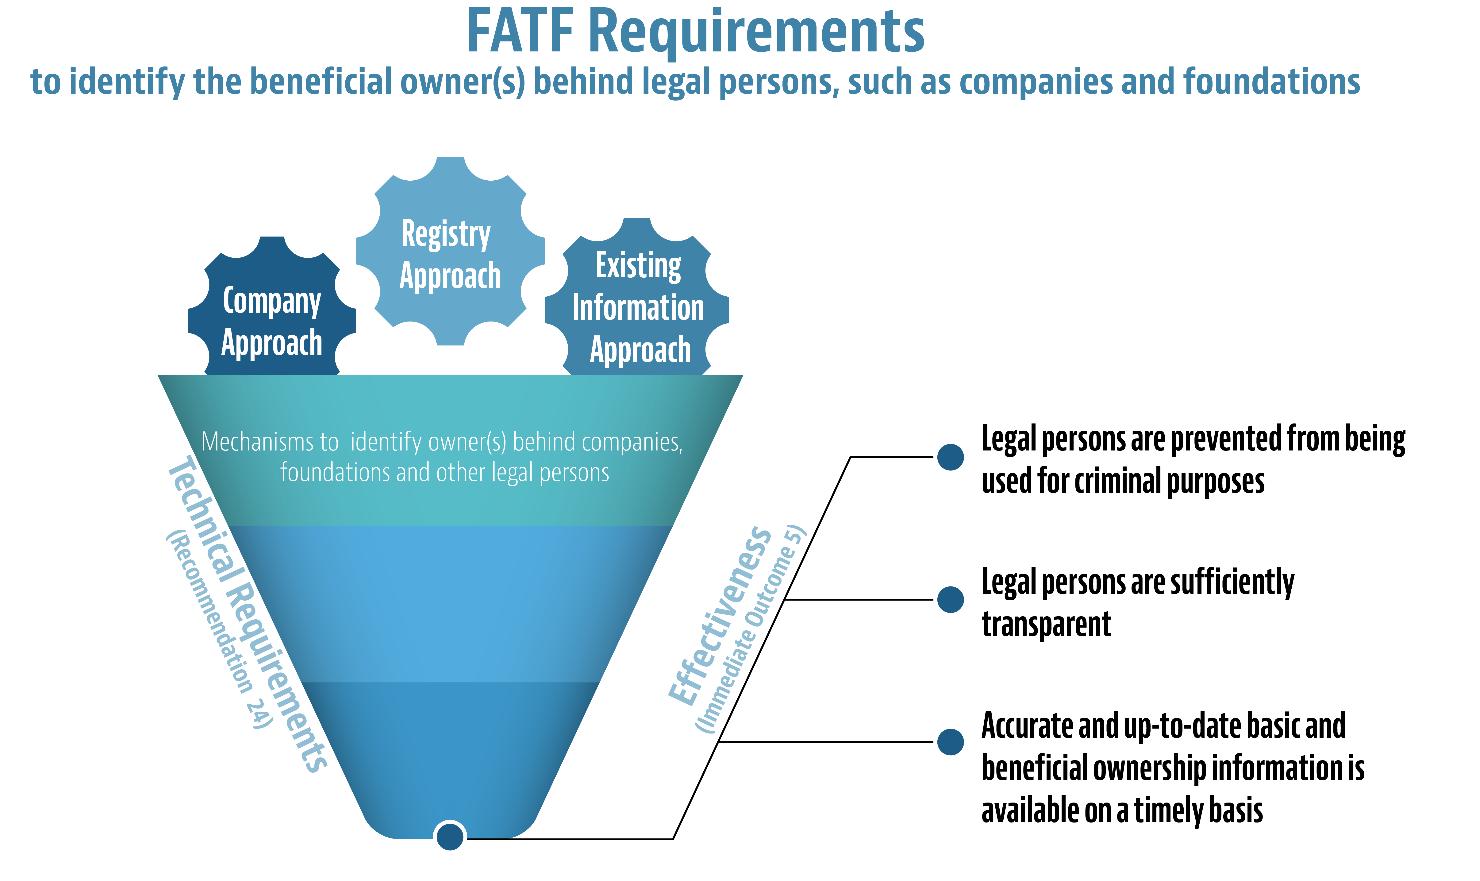 Требования FATF